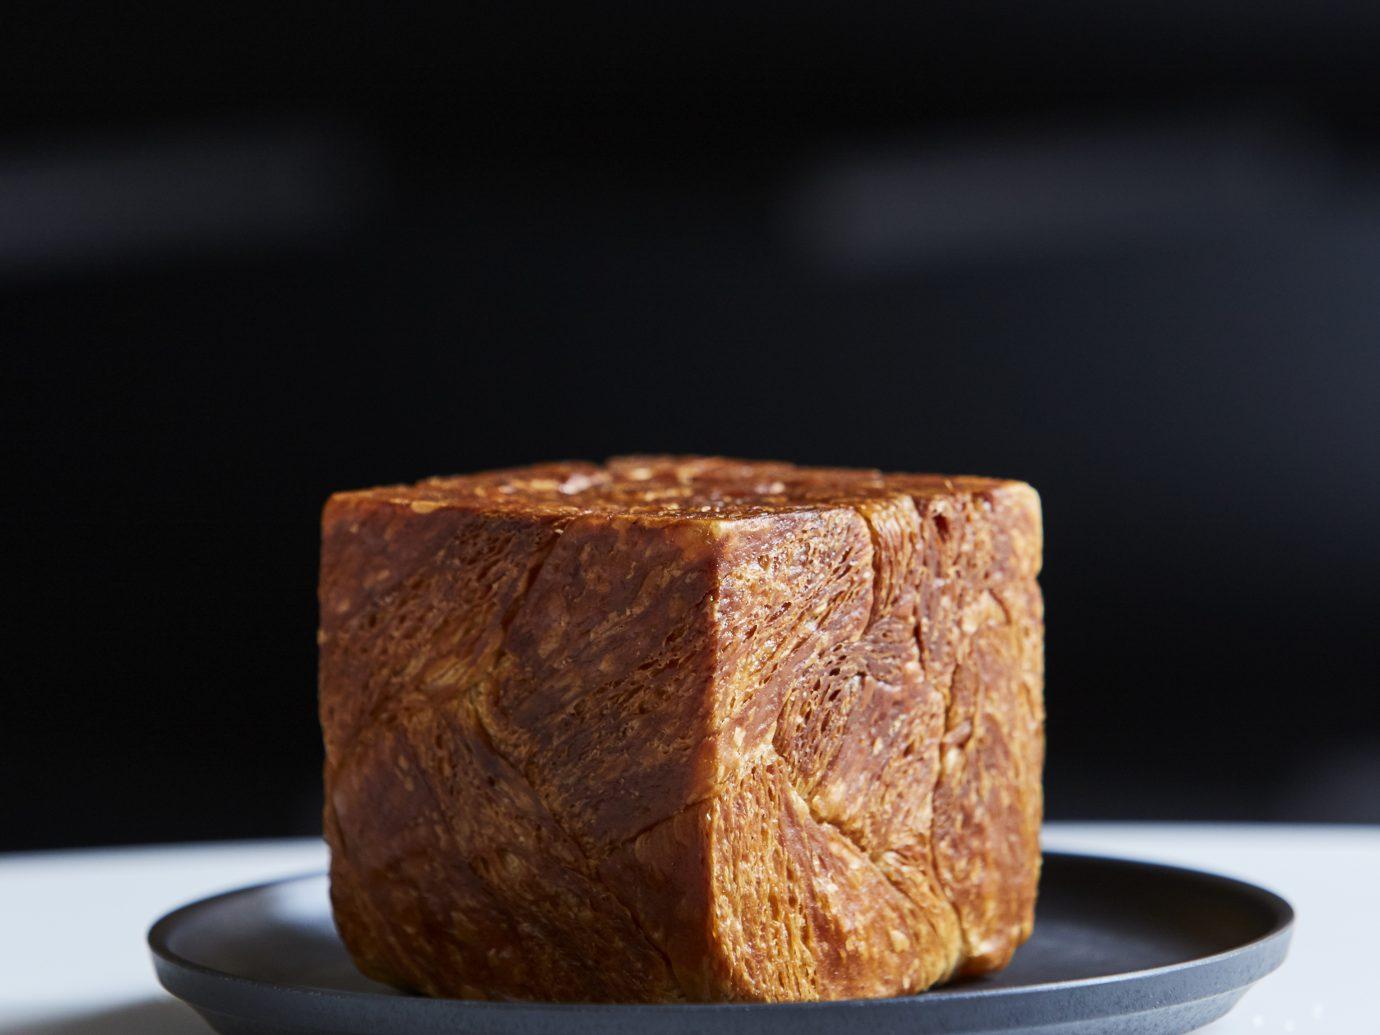 Cube croissant at Weirdoughs, Melbourne, AUS